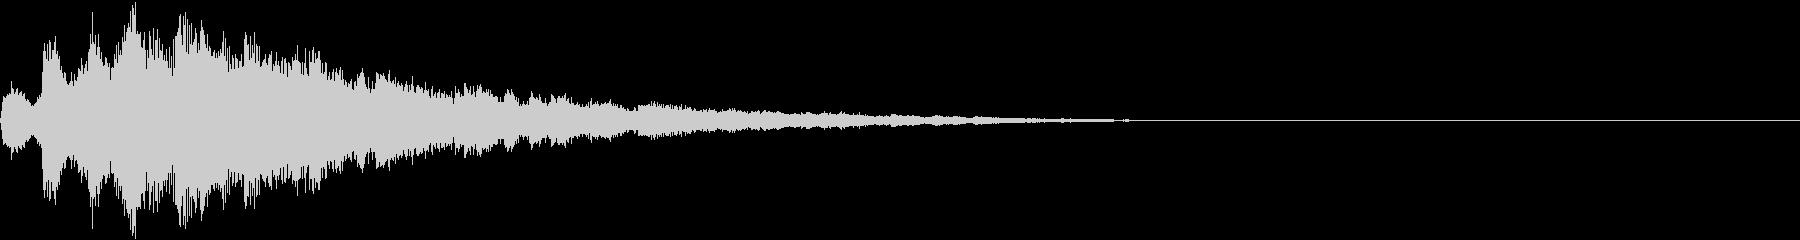 キラキラ 情報 番組 テロップ 10の未再生の波形